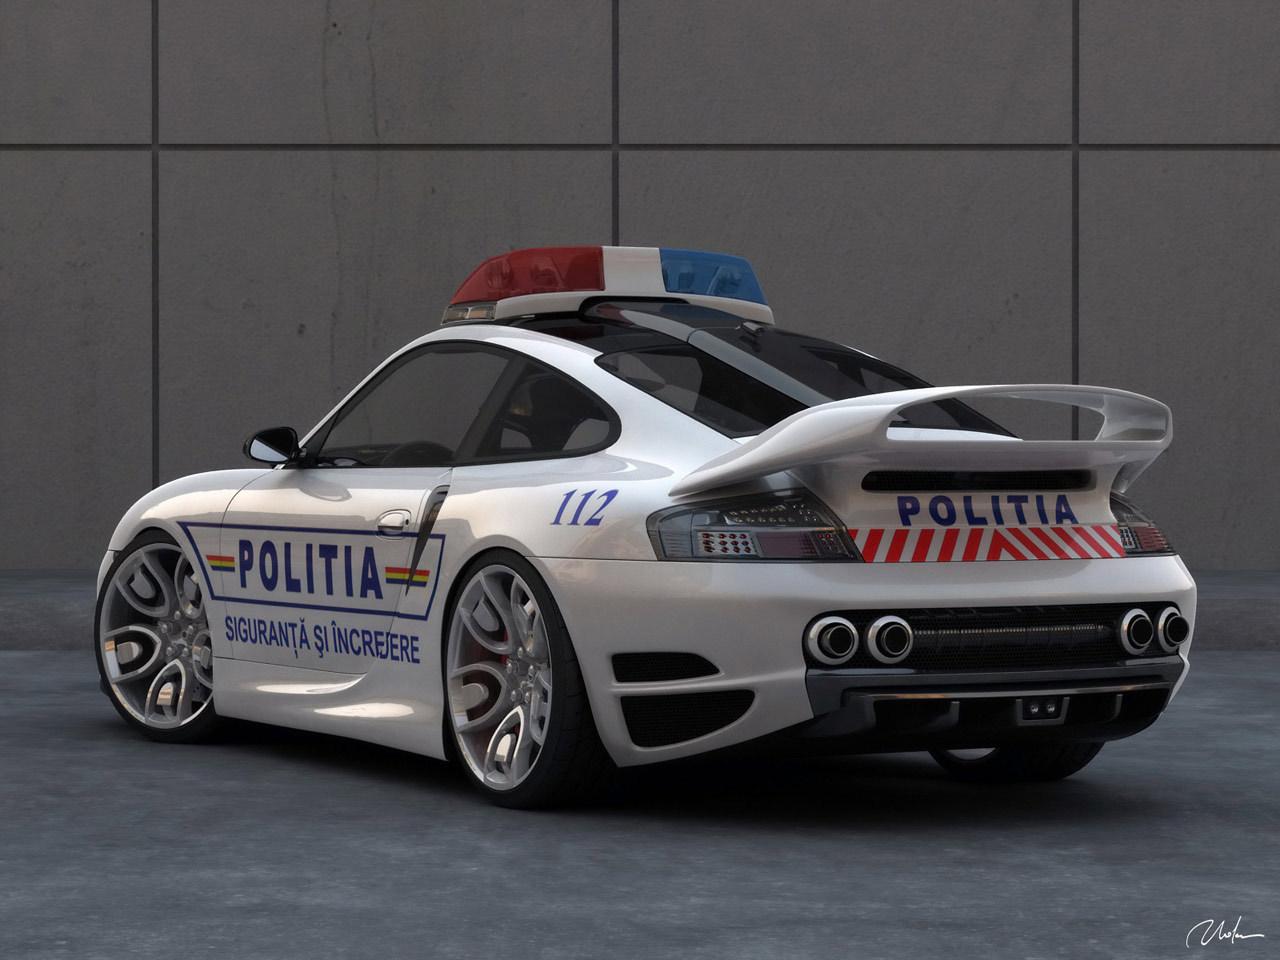 911 TUNING   POLICE CAR   Porsche Wallpaper 14319159 1280x960